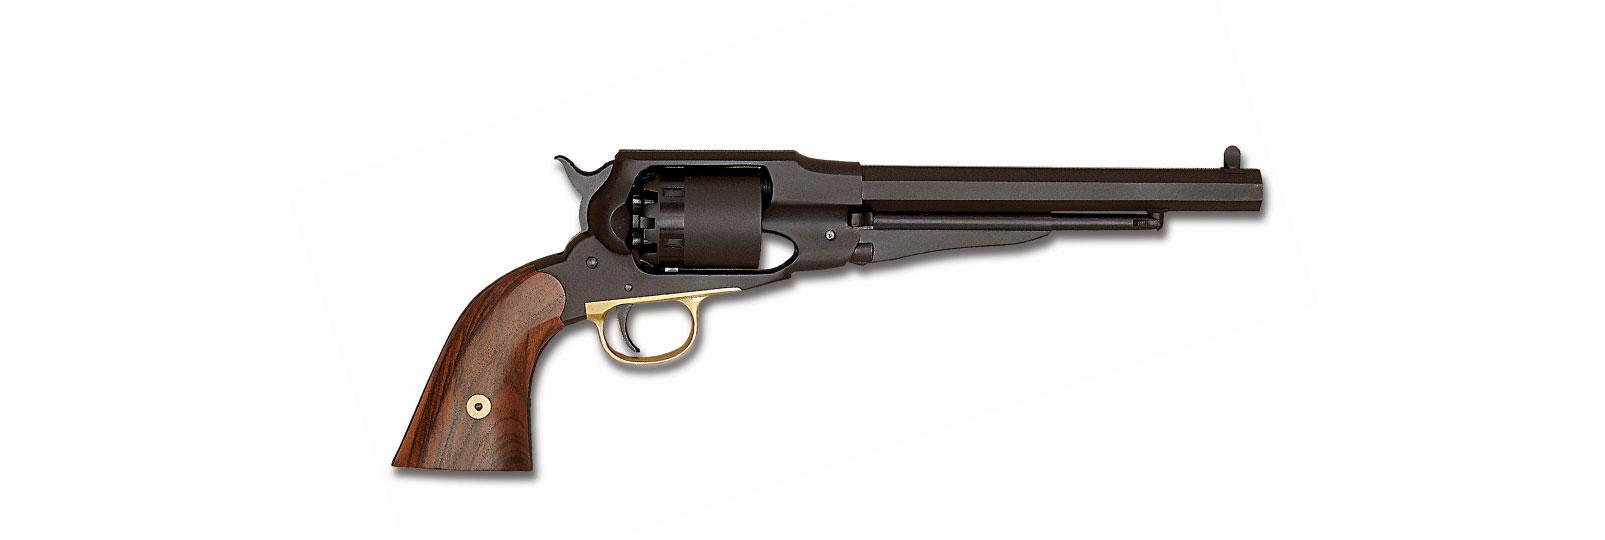 Remington Pattern PEDERSOLI TARGET